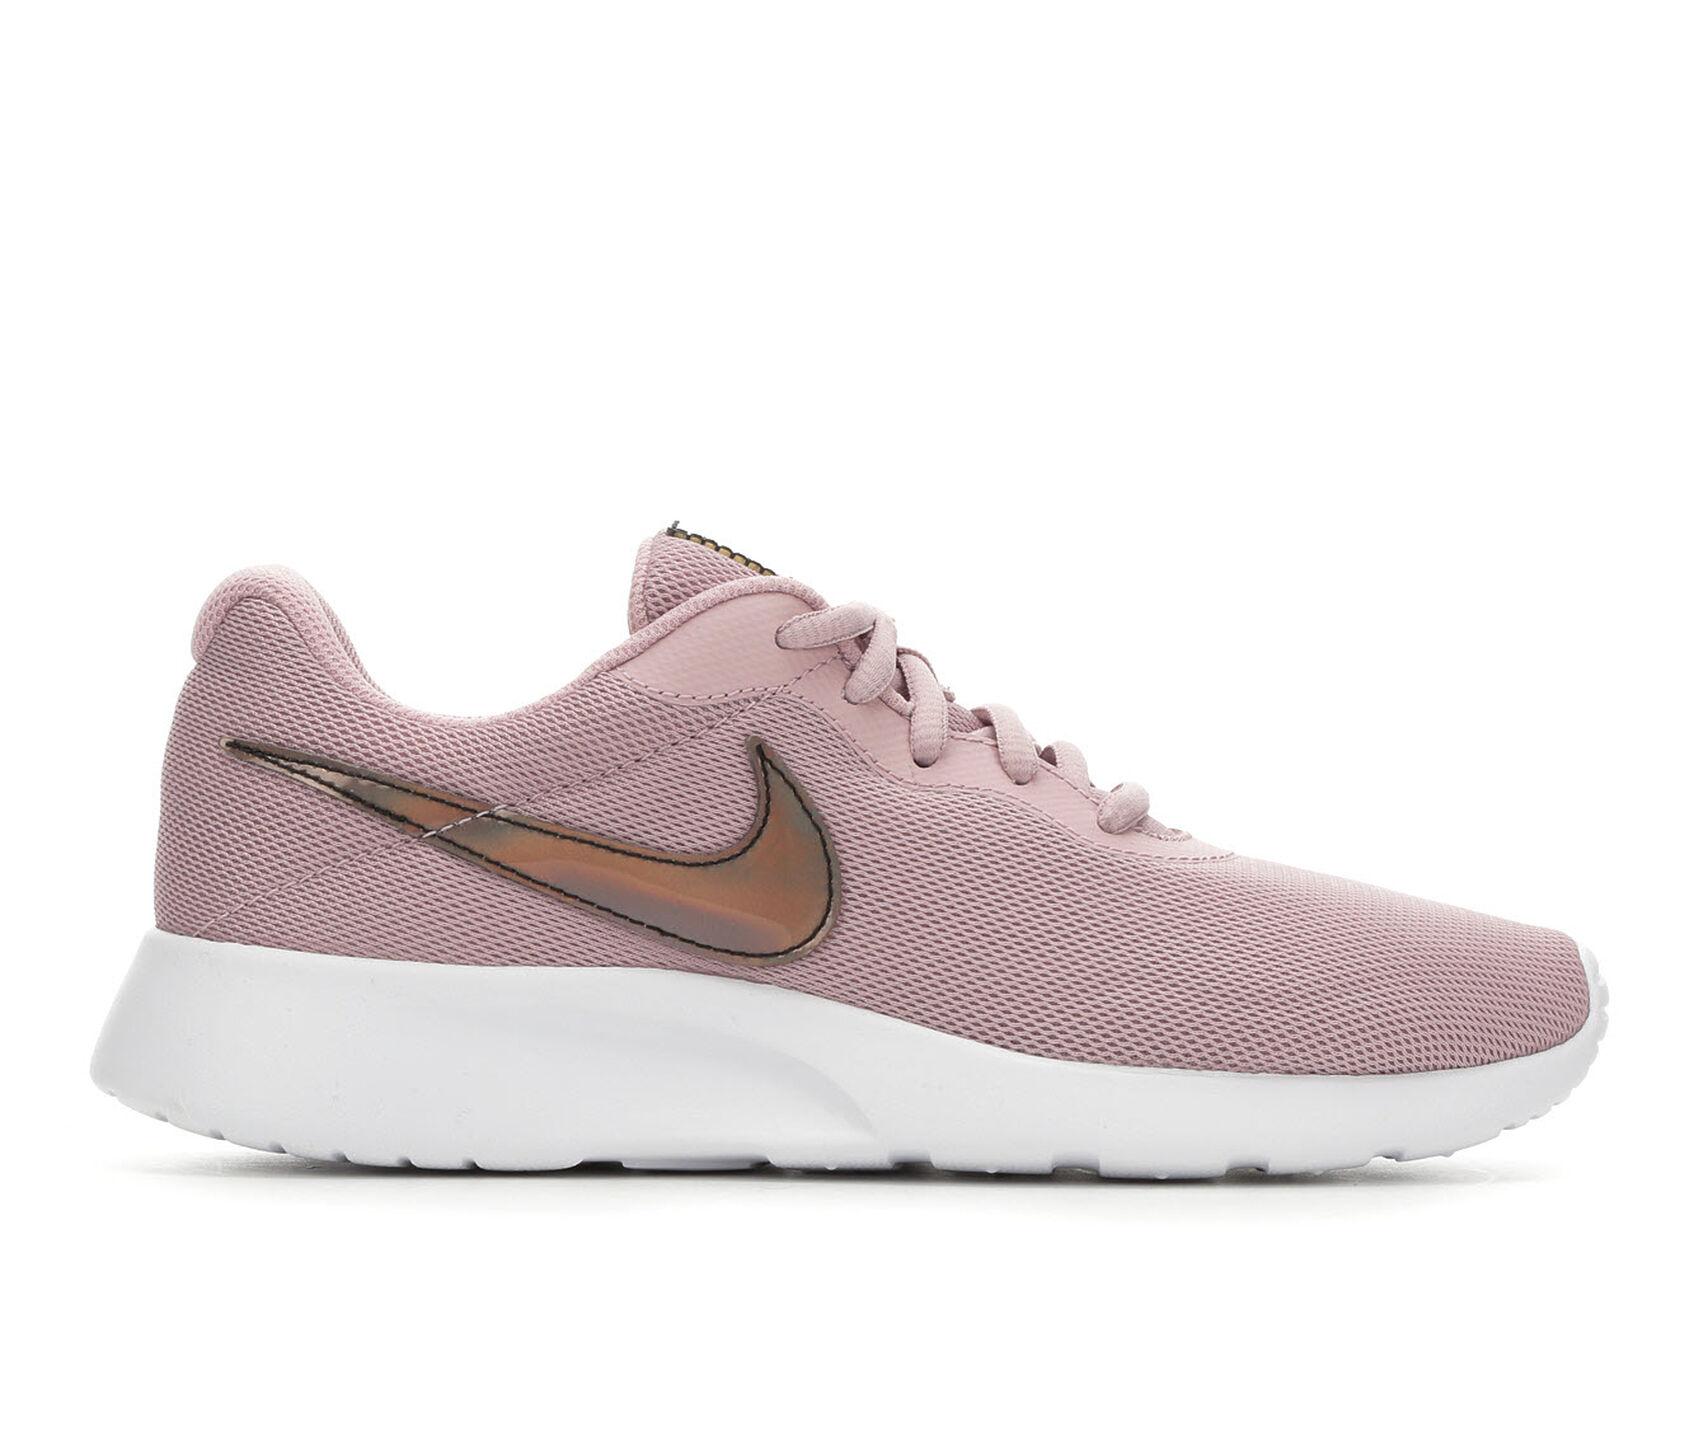 676ce32f0757 Women s Nike Tanjun Sneakers